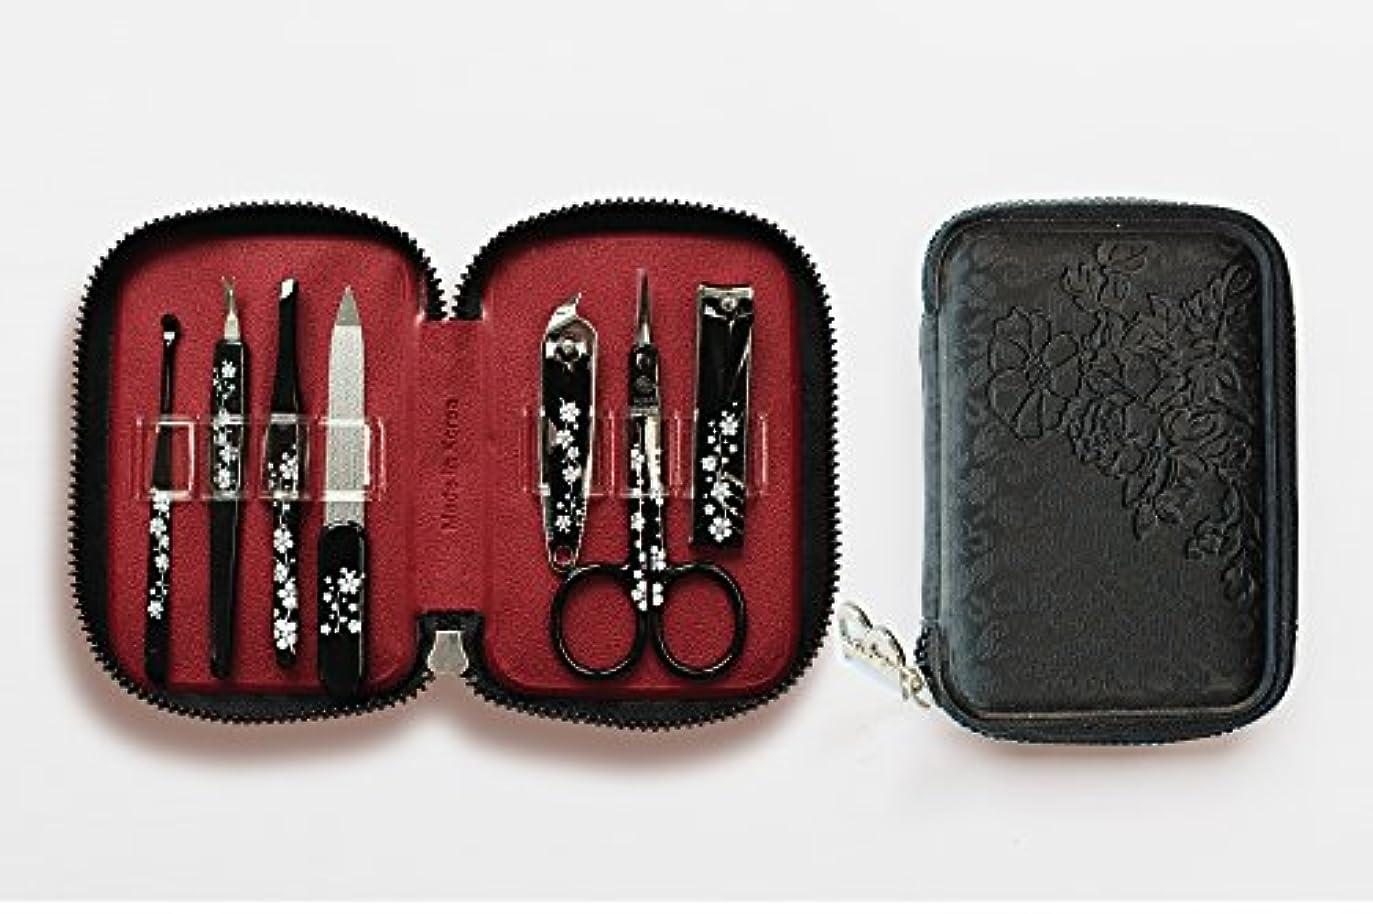 アンドリューハリディ油キャプテンBELL Manicure Sets BM-990A ポータブル爪の管理セット 爪切りセット 高品質のネイルケアセット花モチーフのイラストデザイン Portable Nail Clippers Nail Care Set